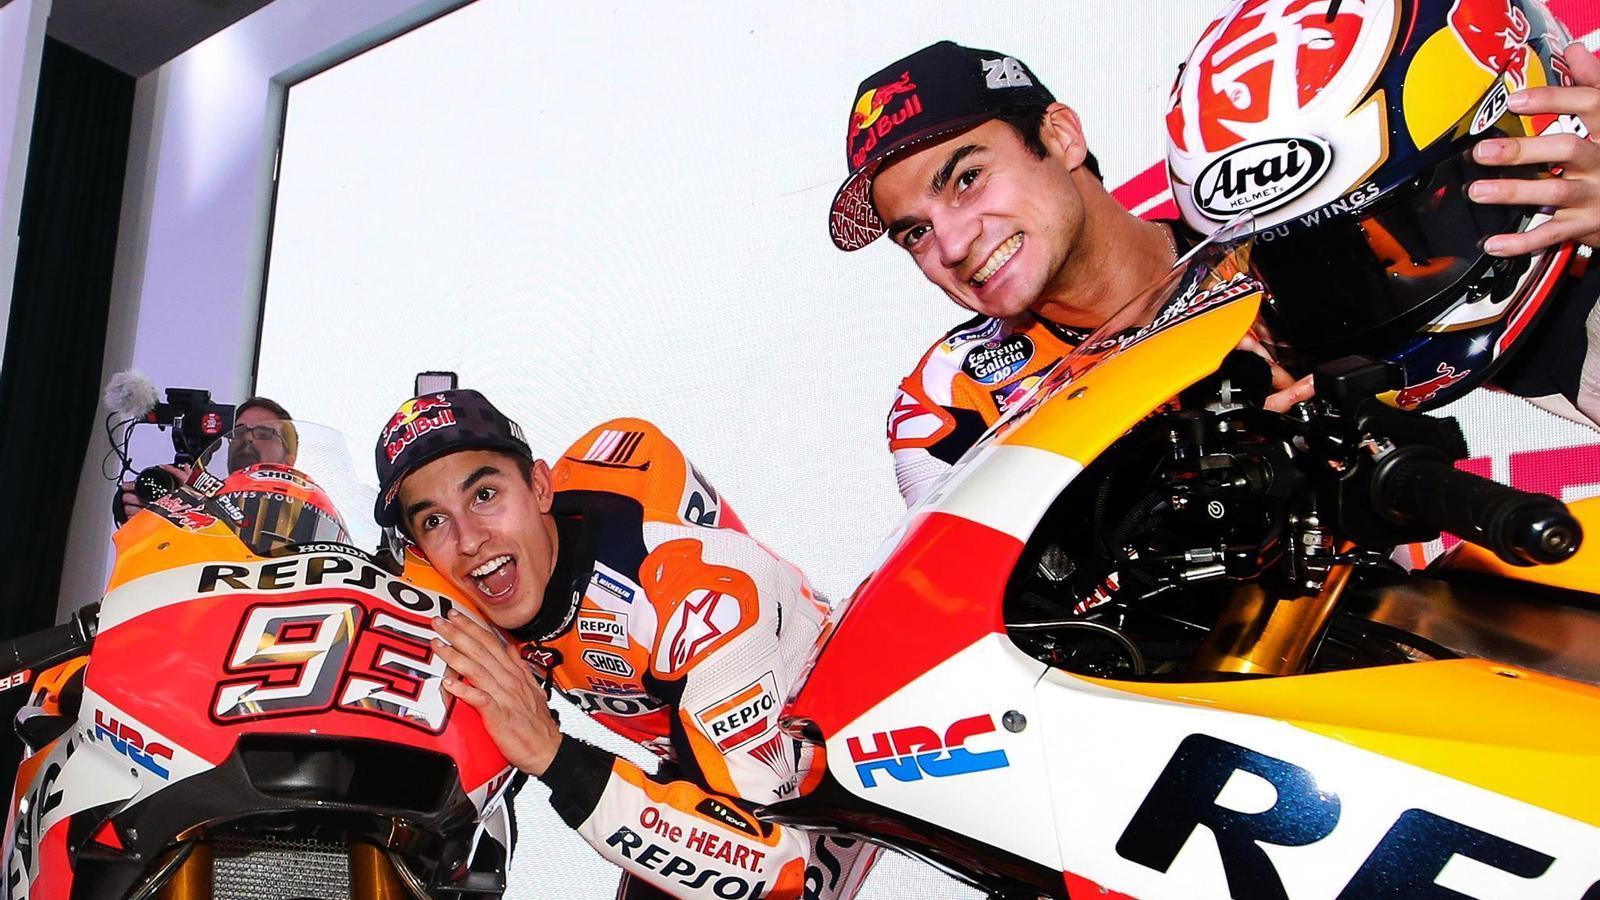 Márquez i Pedrosa, durant la presentació de l'equip Repsol Honda de MotoGP